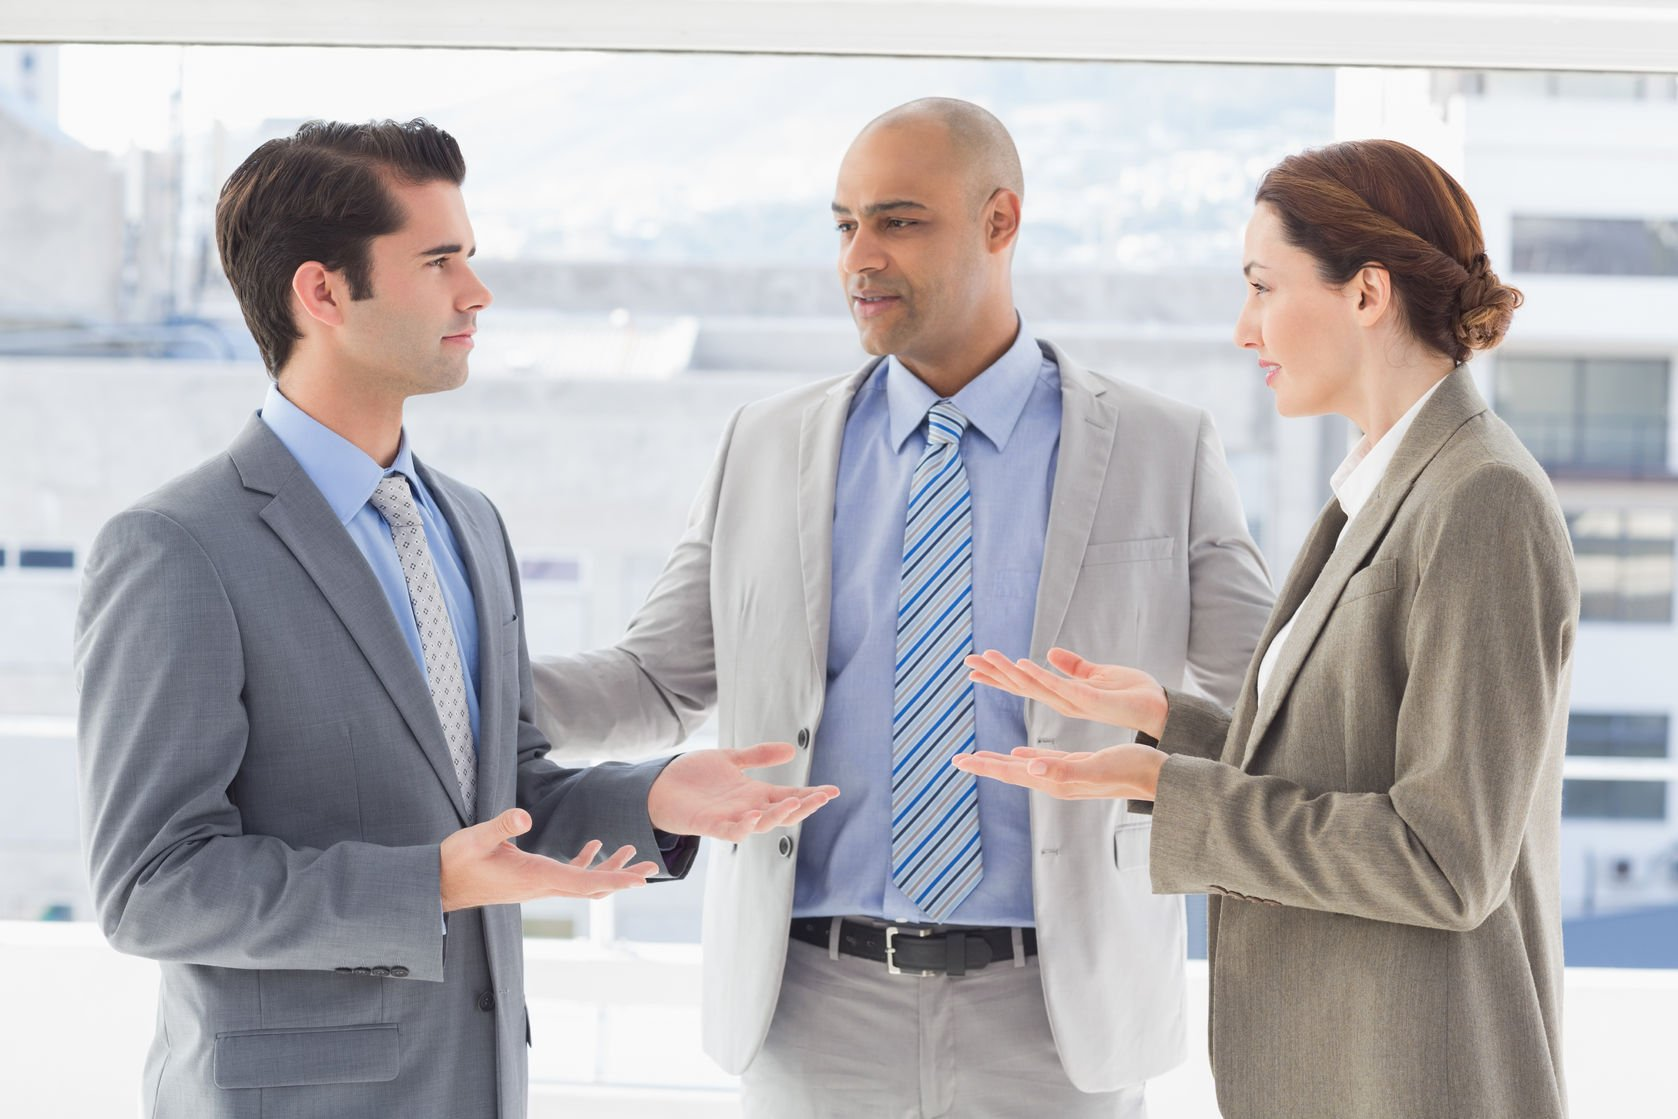 Hoe werkt een eigendomsvoorbehoud?